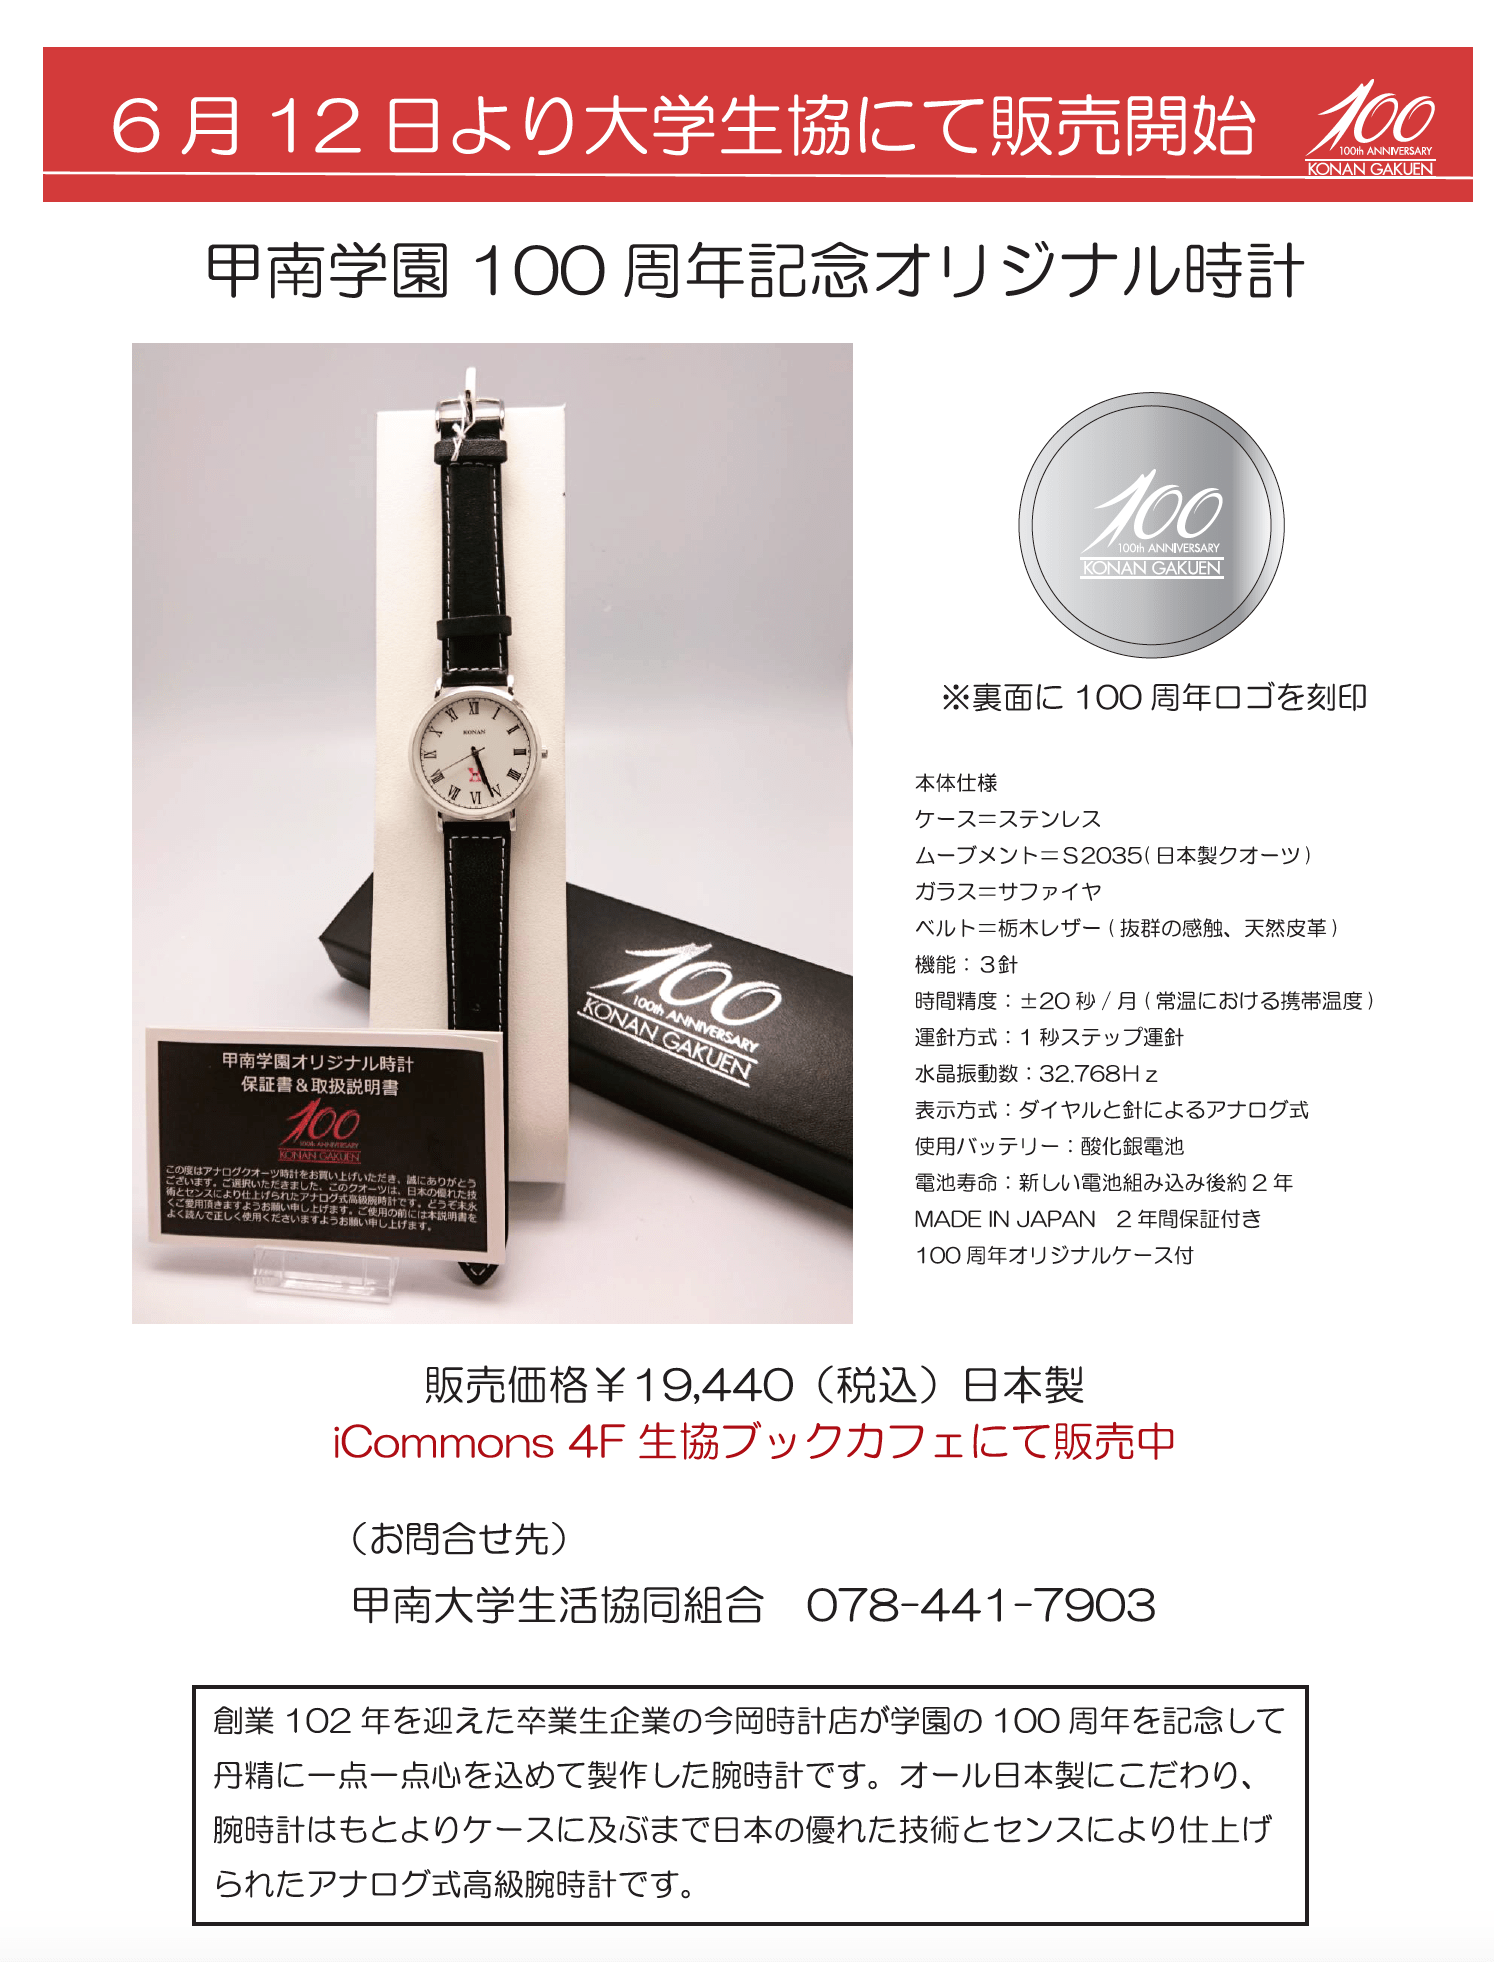 甲南学園100周年記念オリジナル時計 2018/6/12(火)より大学生協にて販売開始!